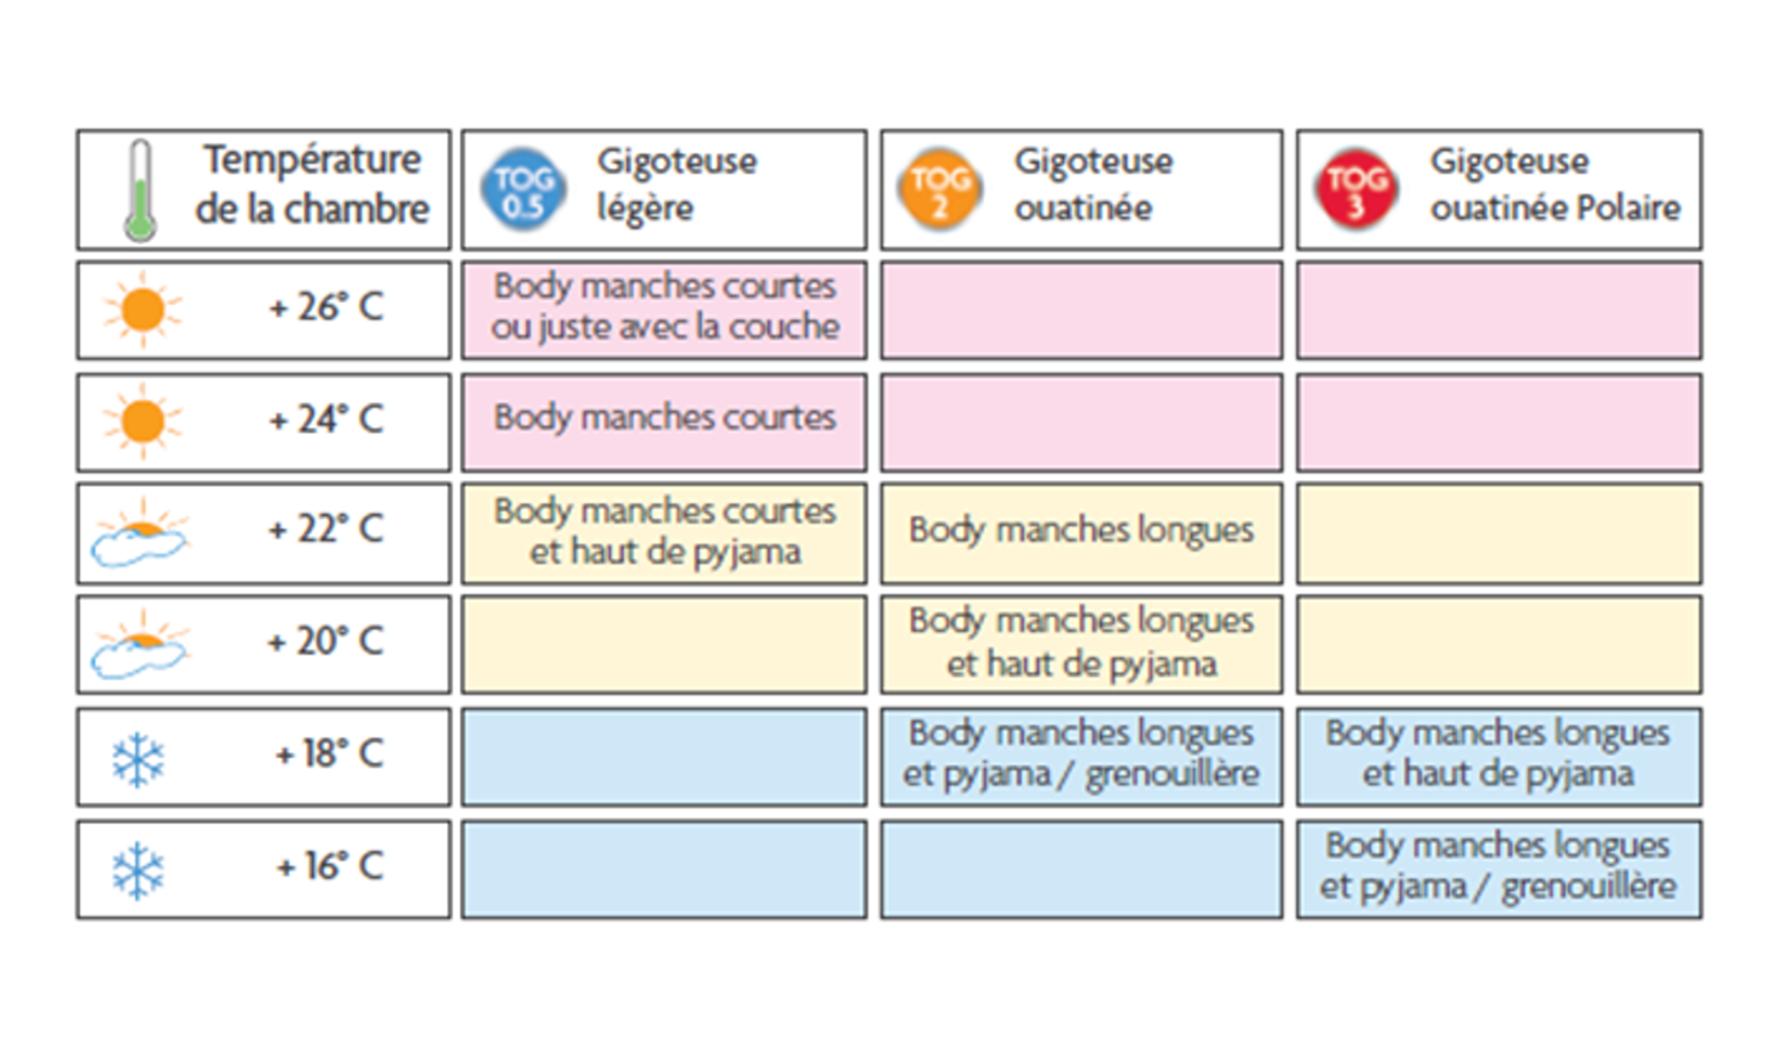 Chambre de bebe temperature - Enfant, bébé et famille